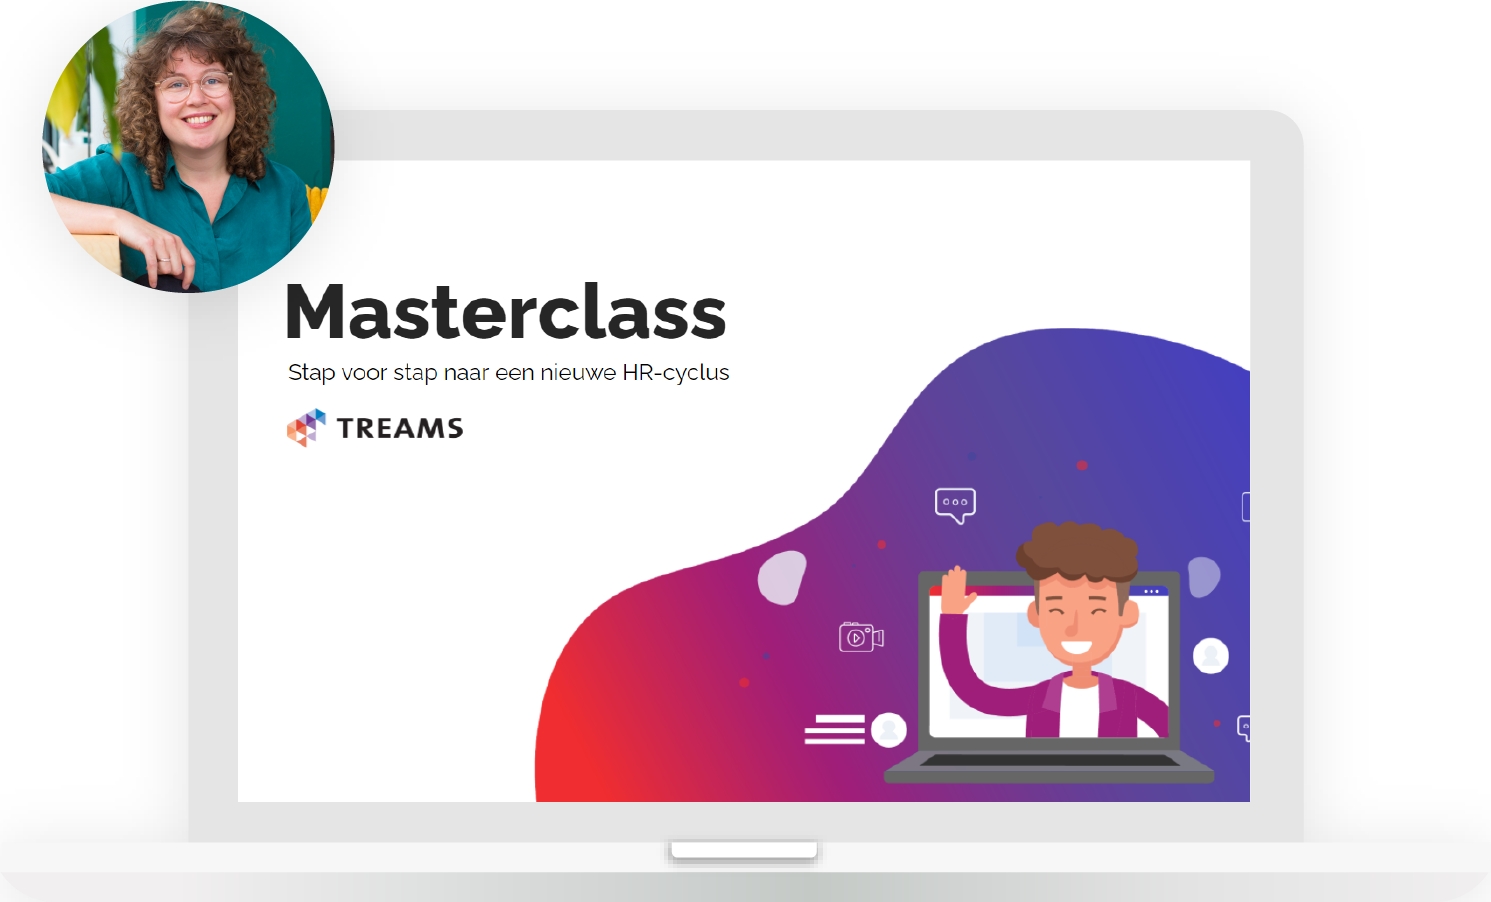 Masterclass nieuwe HR-cyclus